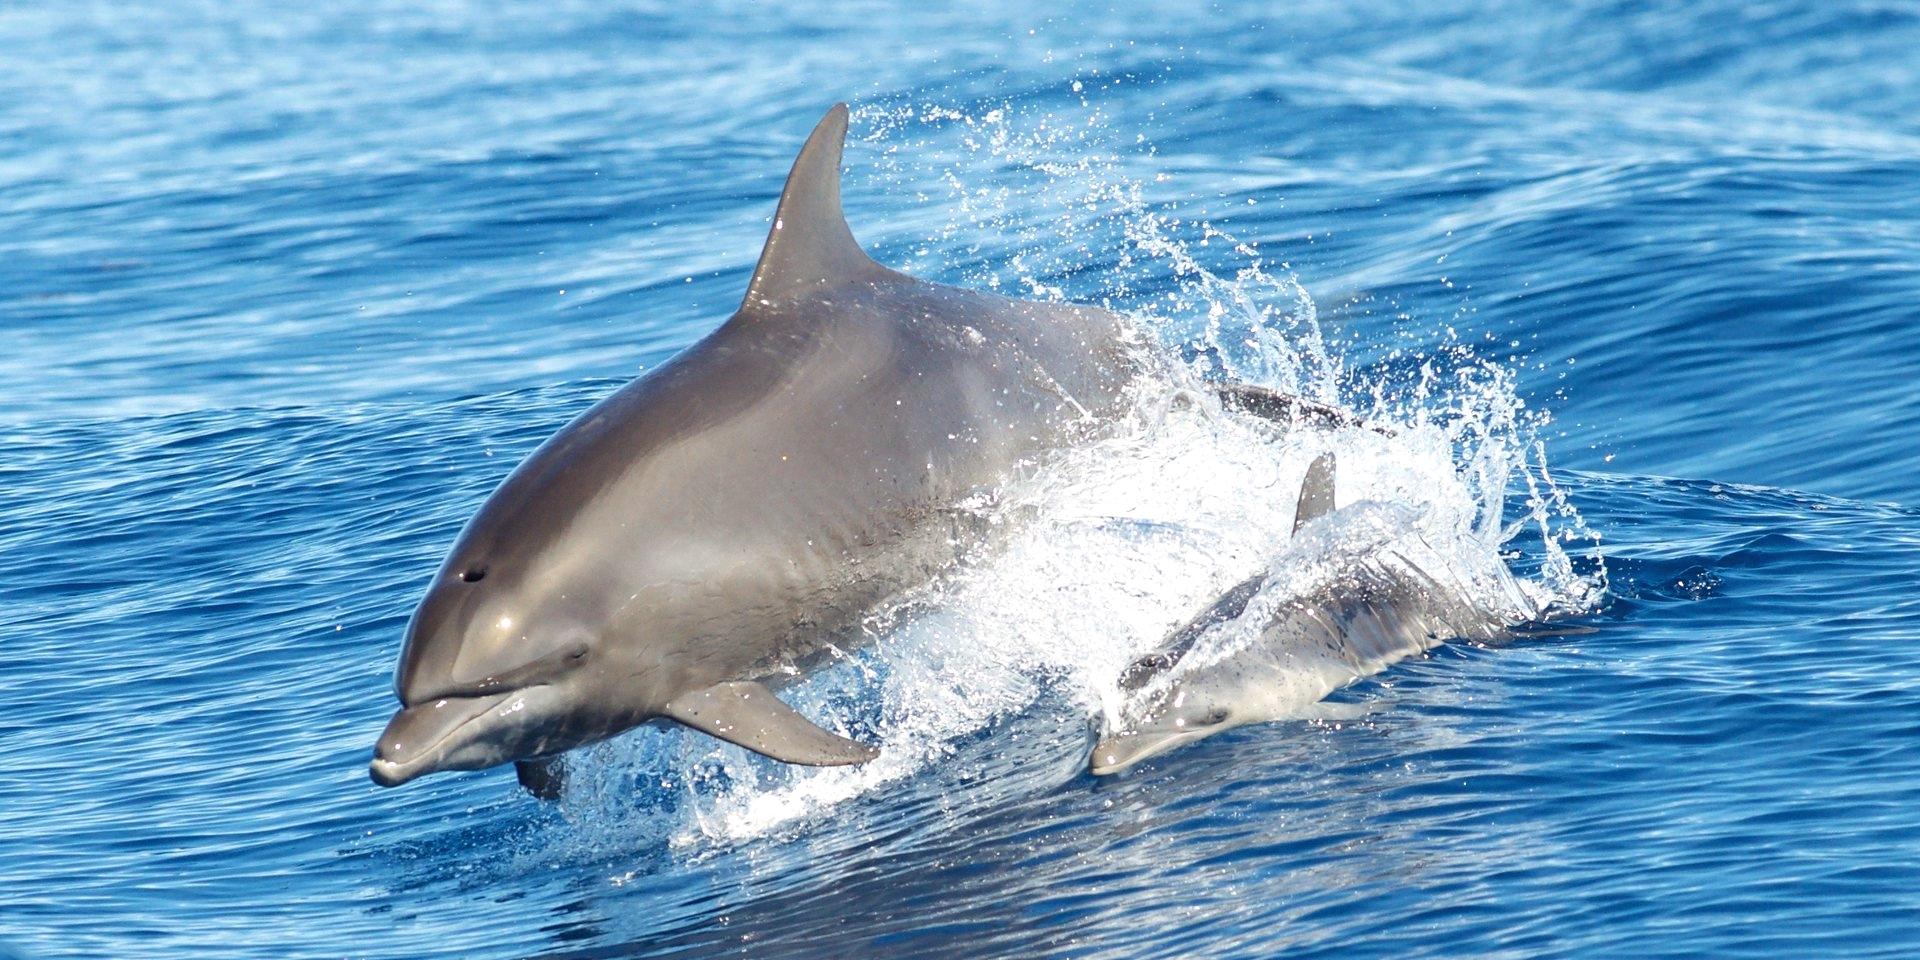 Delfini in libertà - foto Brandon Trentler - CC BY 2.0